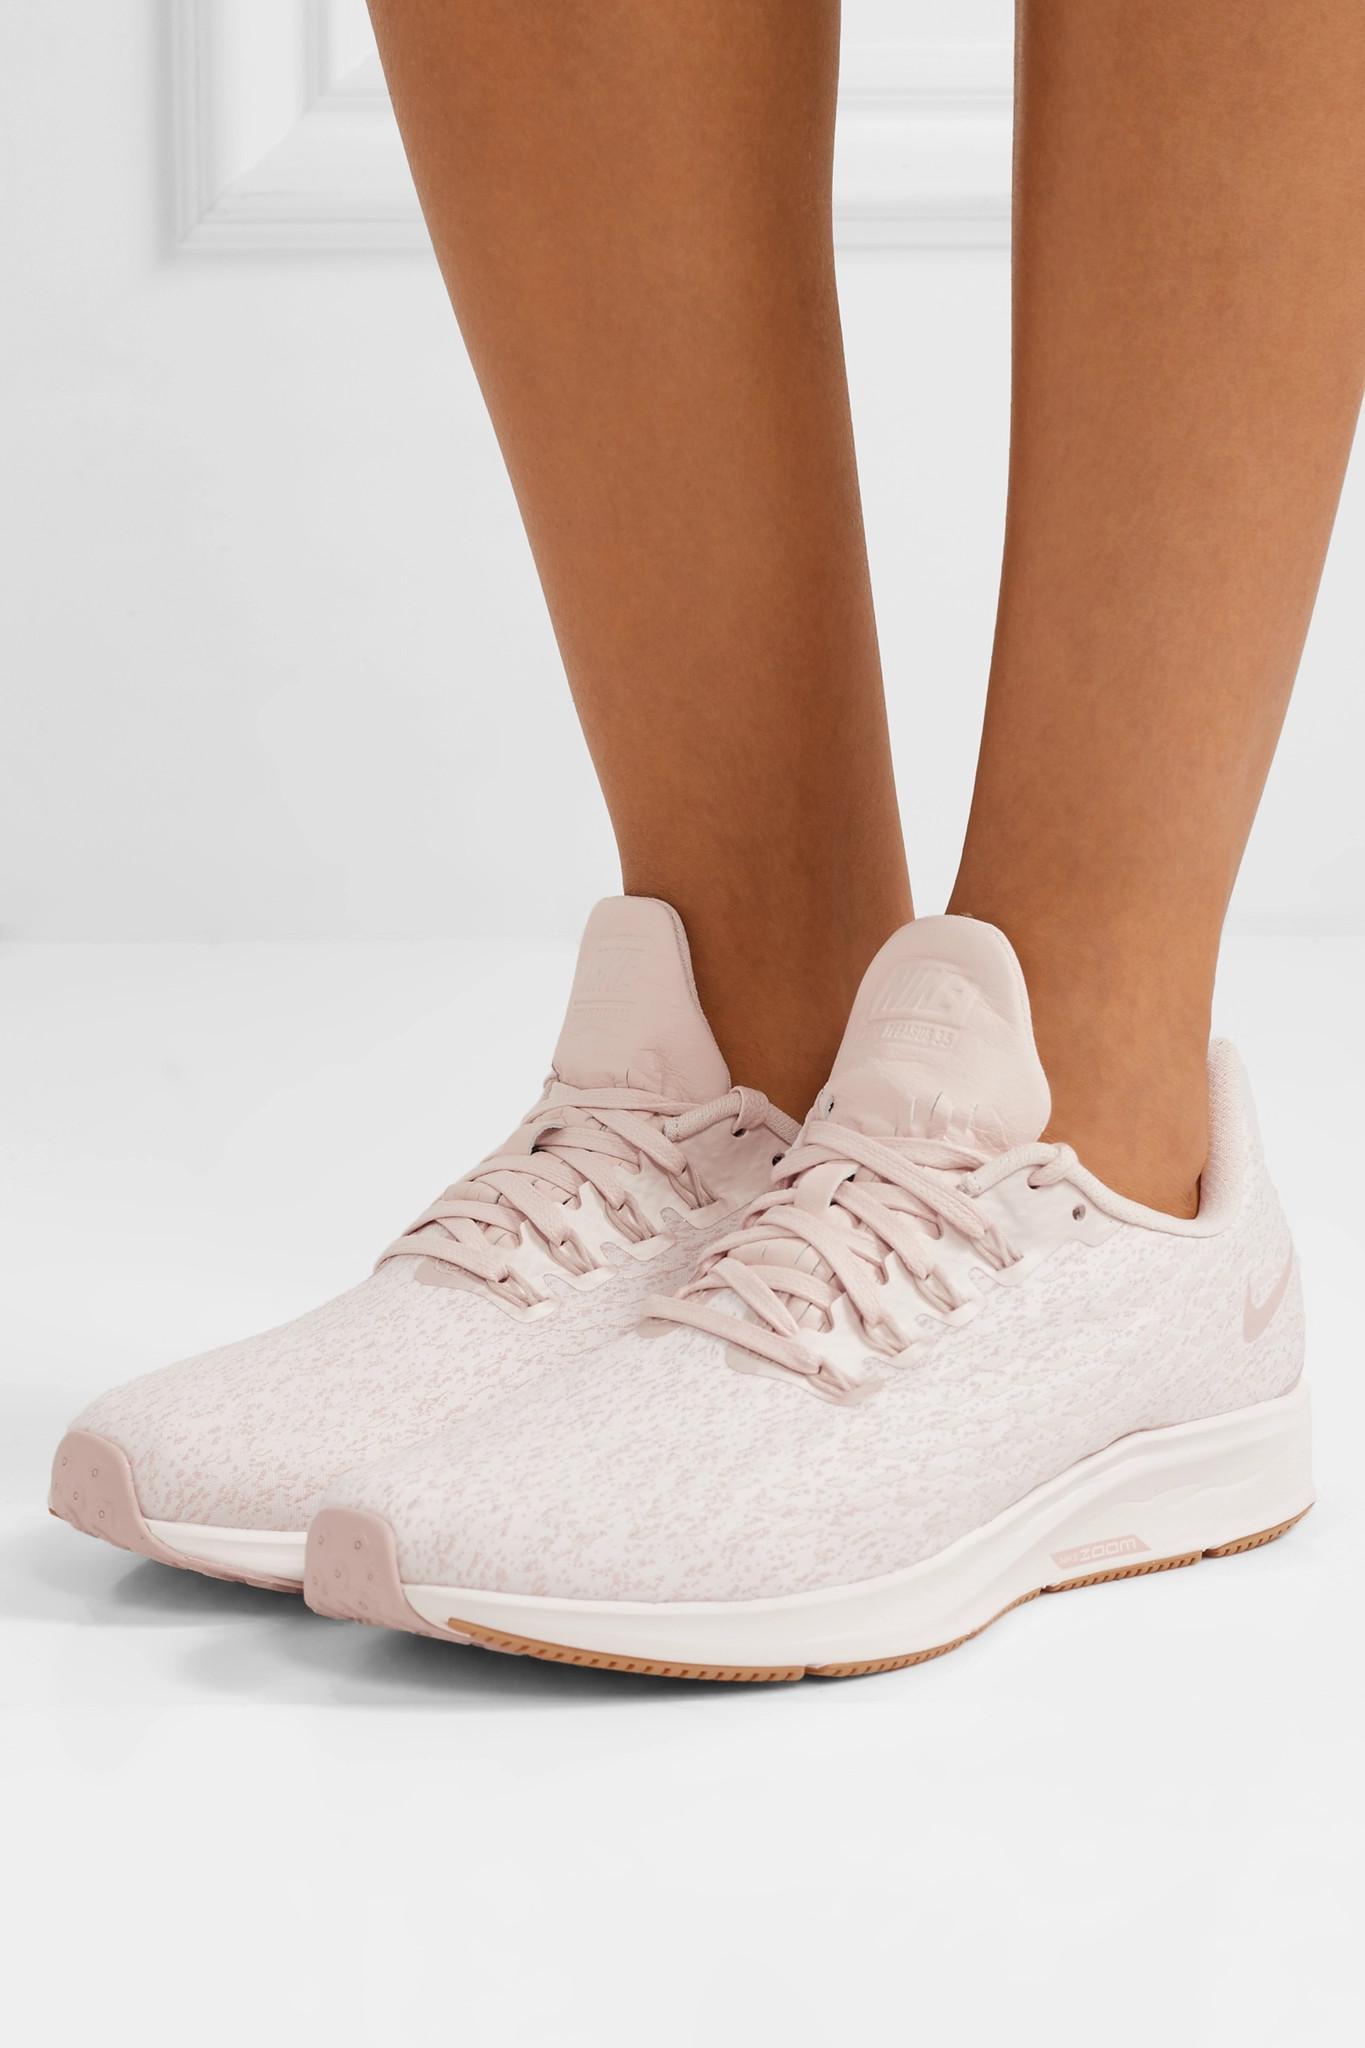 106220a3154 Lyst - Nike Air Zoom Pegasus 35 Premium Mesh Sneakers